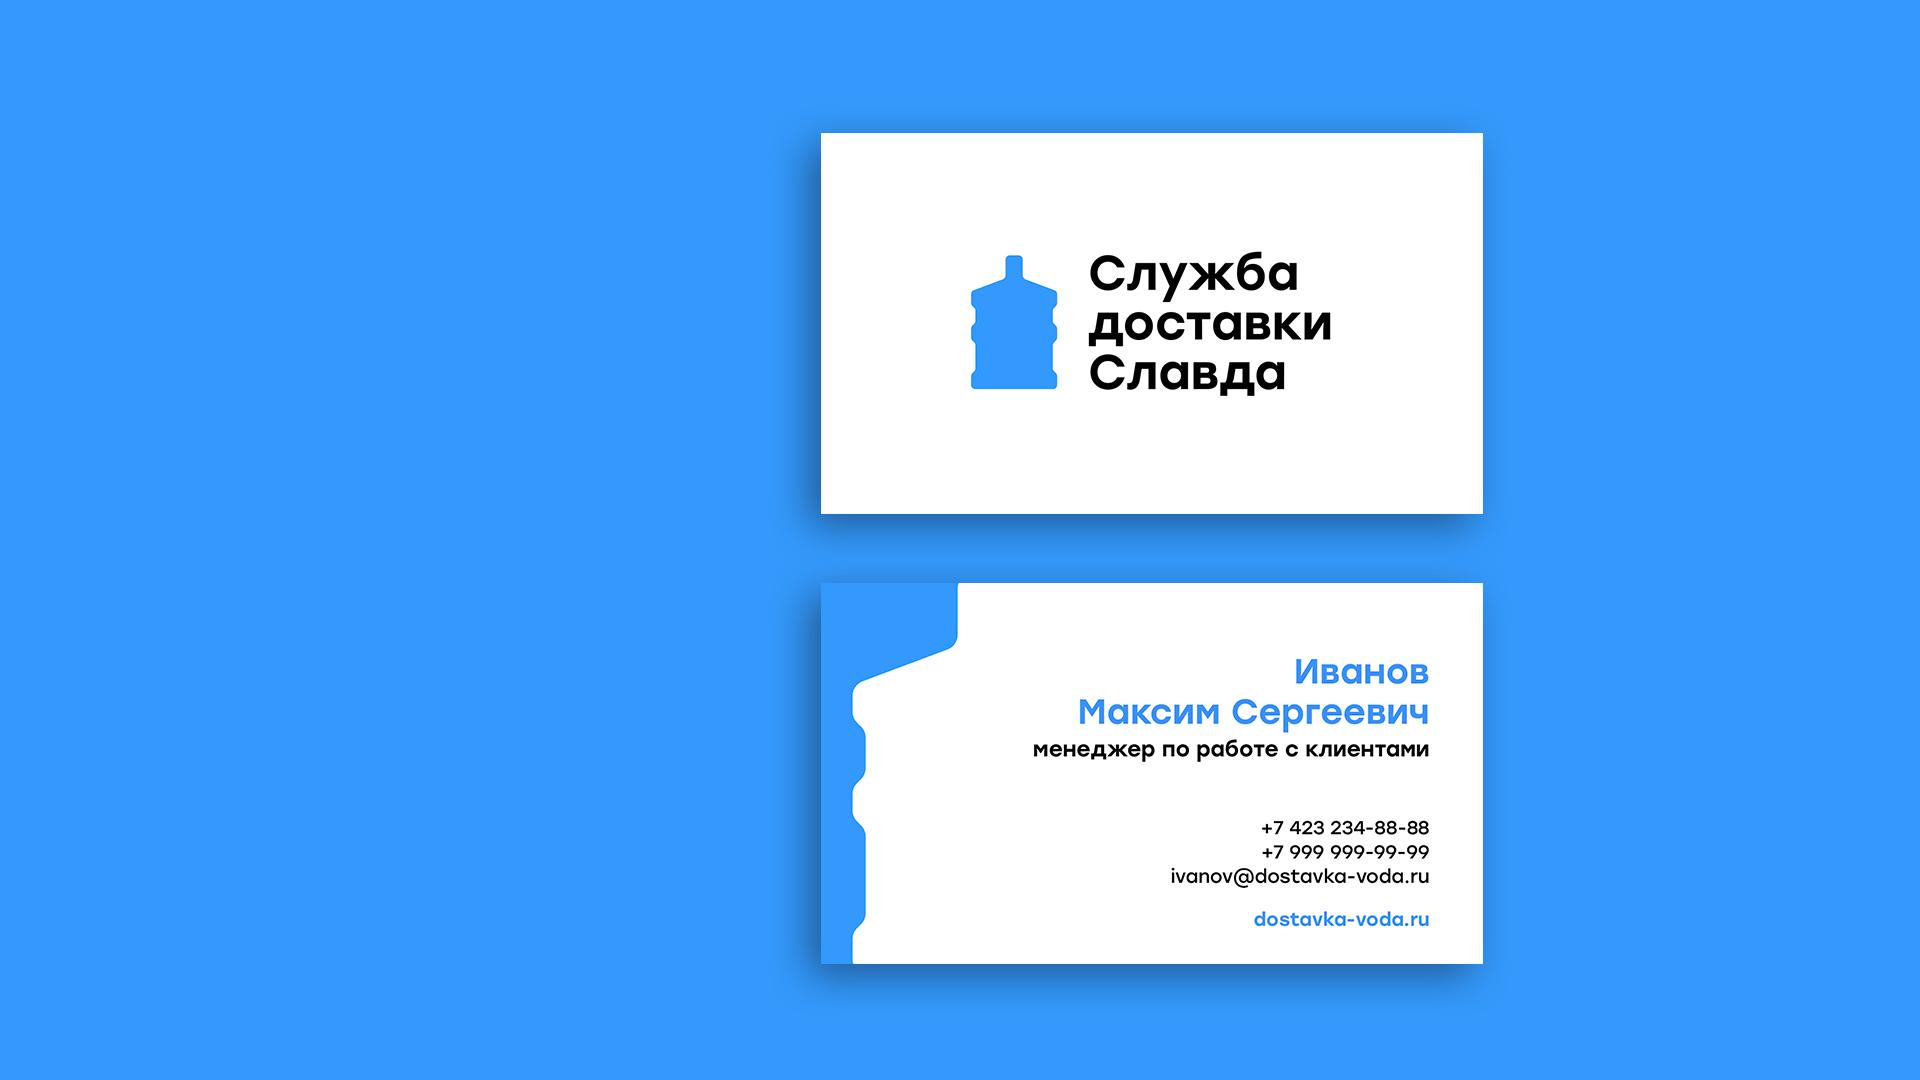 Доставка питьевой воды от Slavda